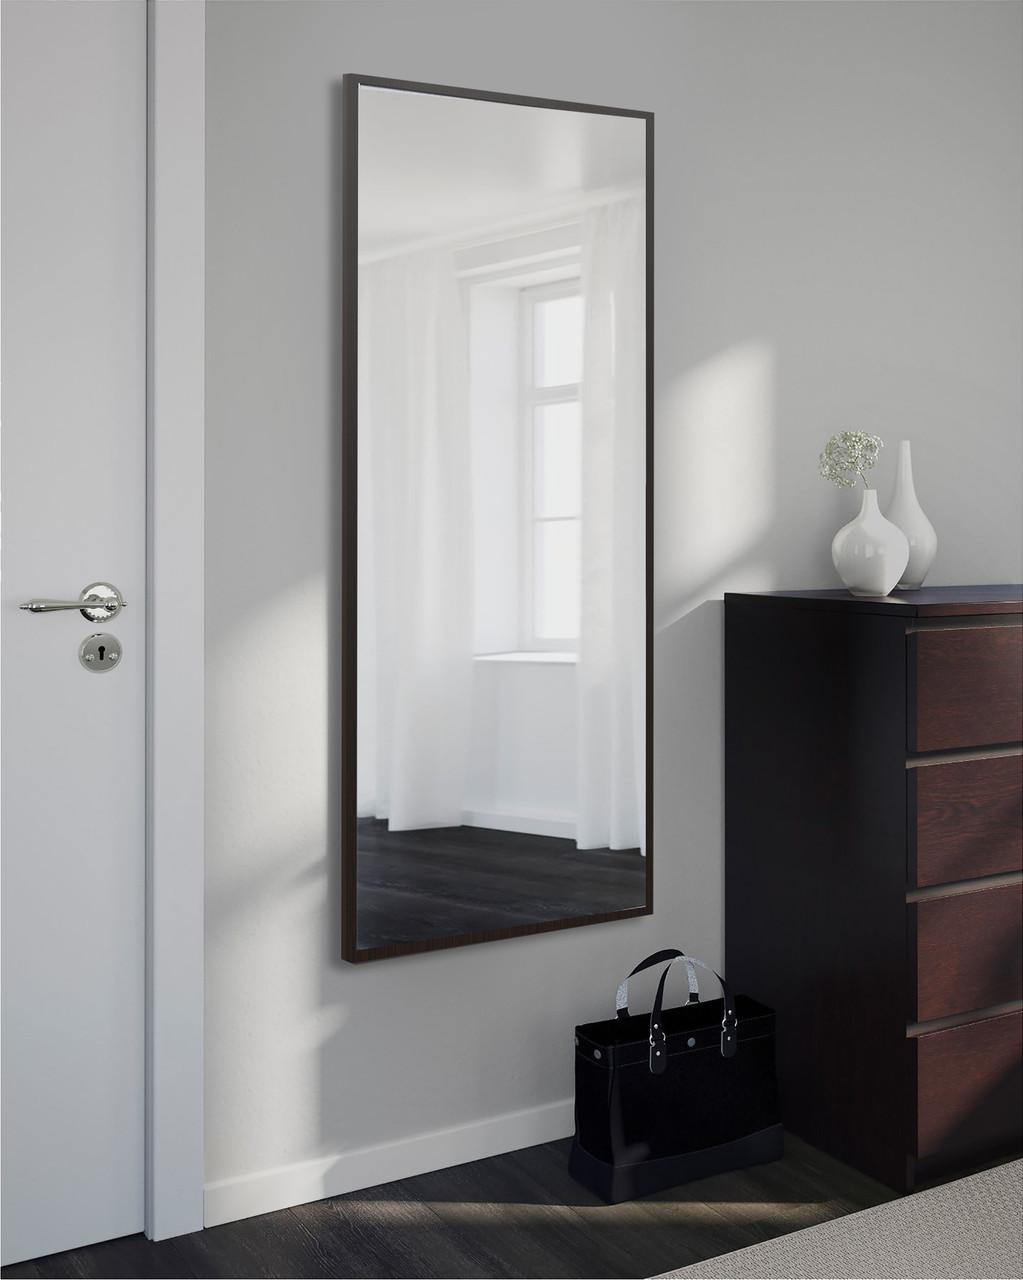 Зеркало настенное, прямоугольное, венге 1300 х 600